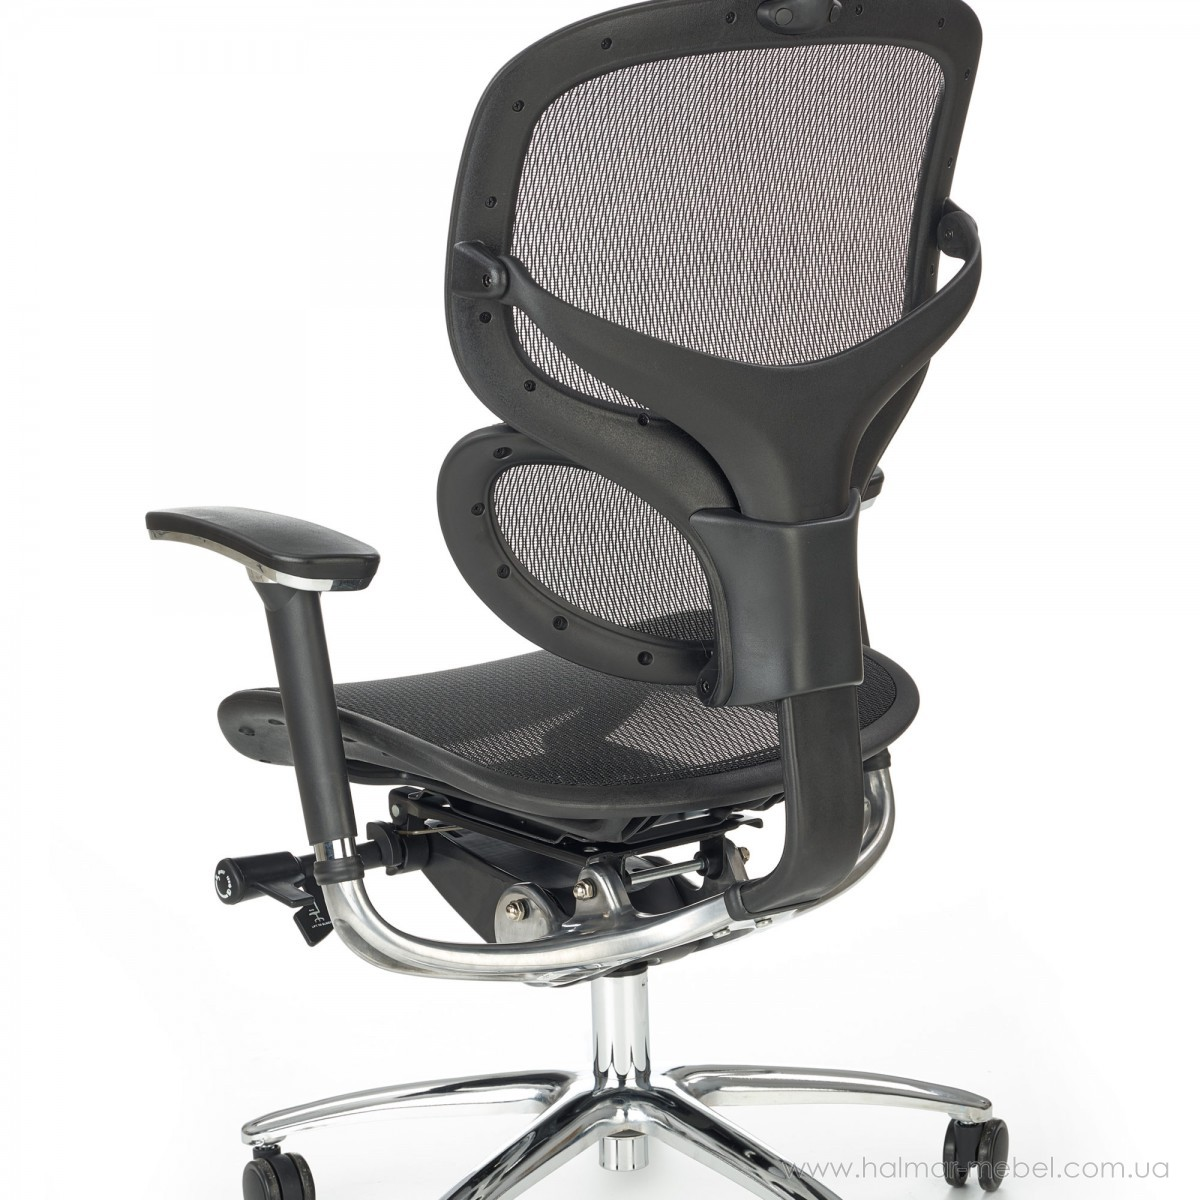 Кресло офисное PRESIDENT HALMAR (черный)